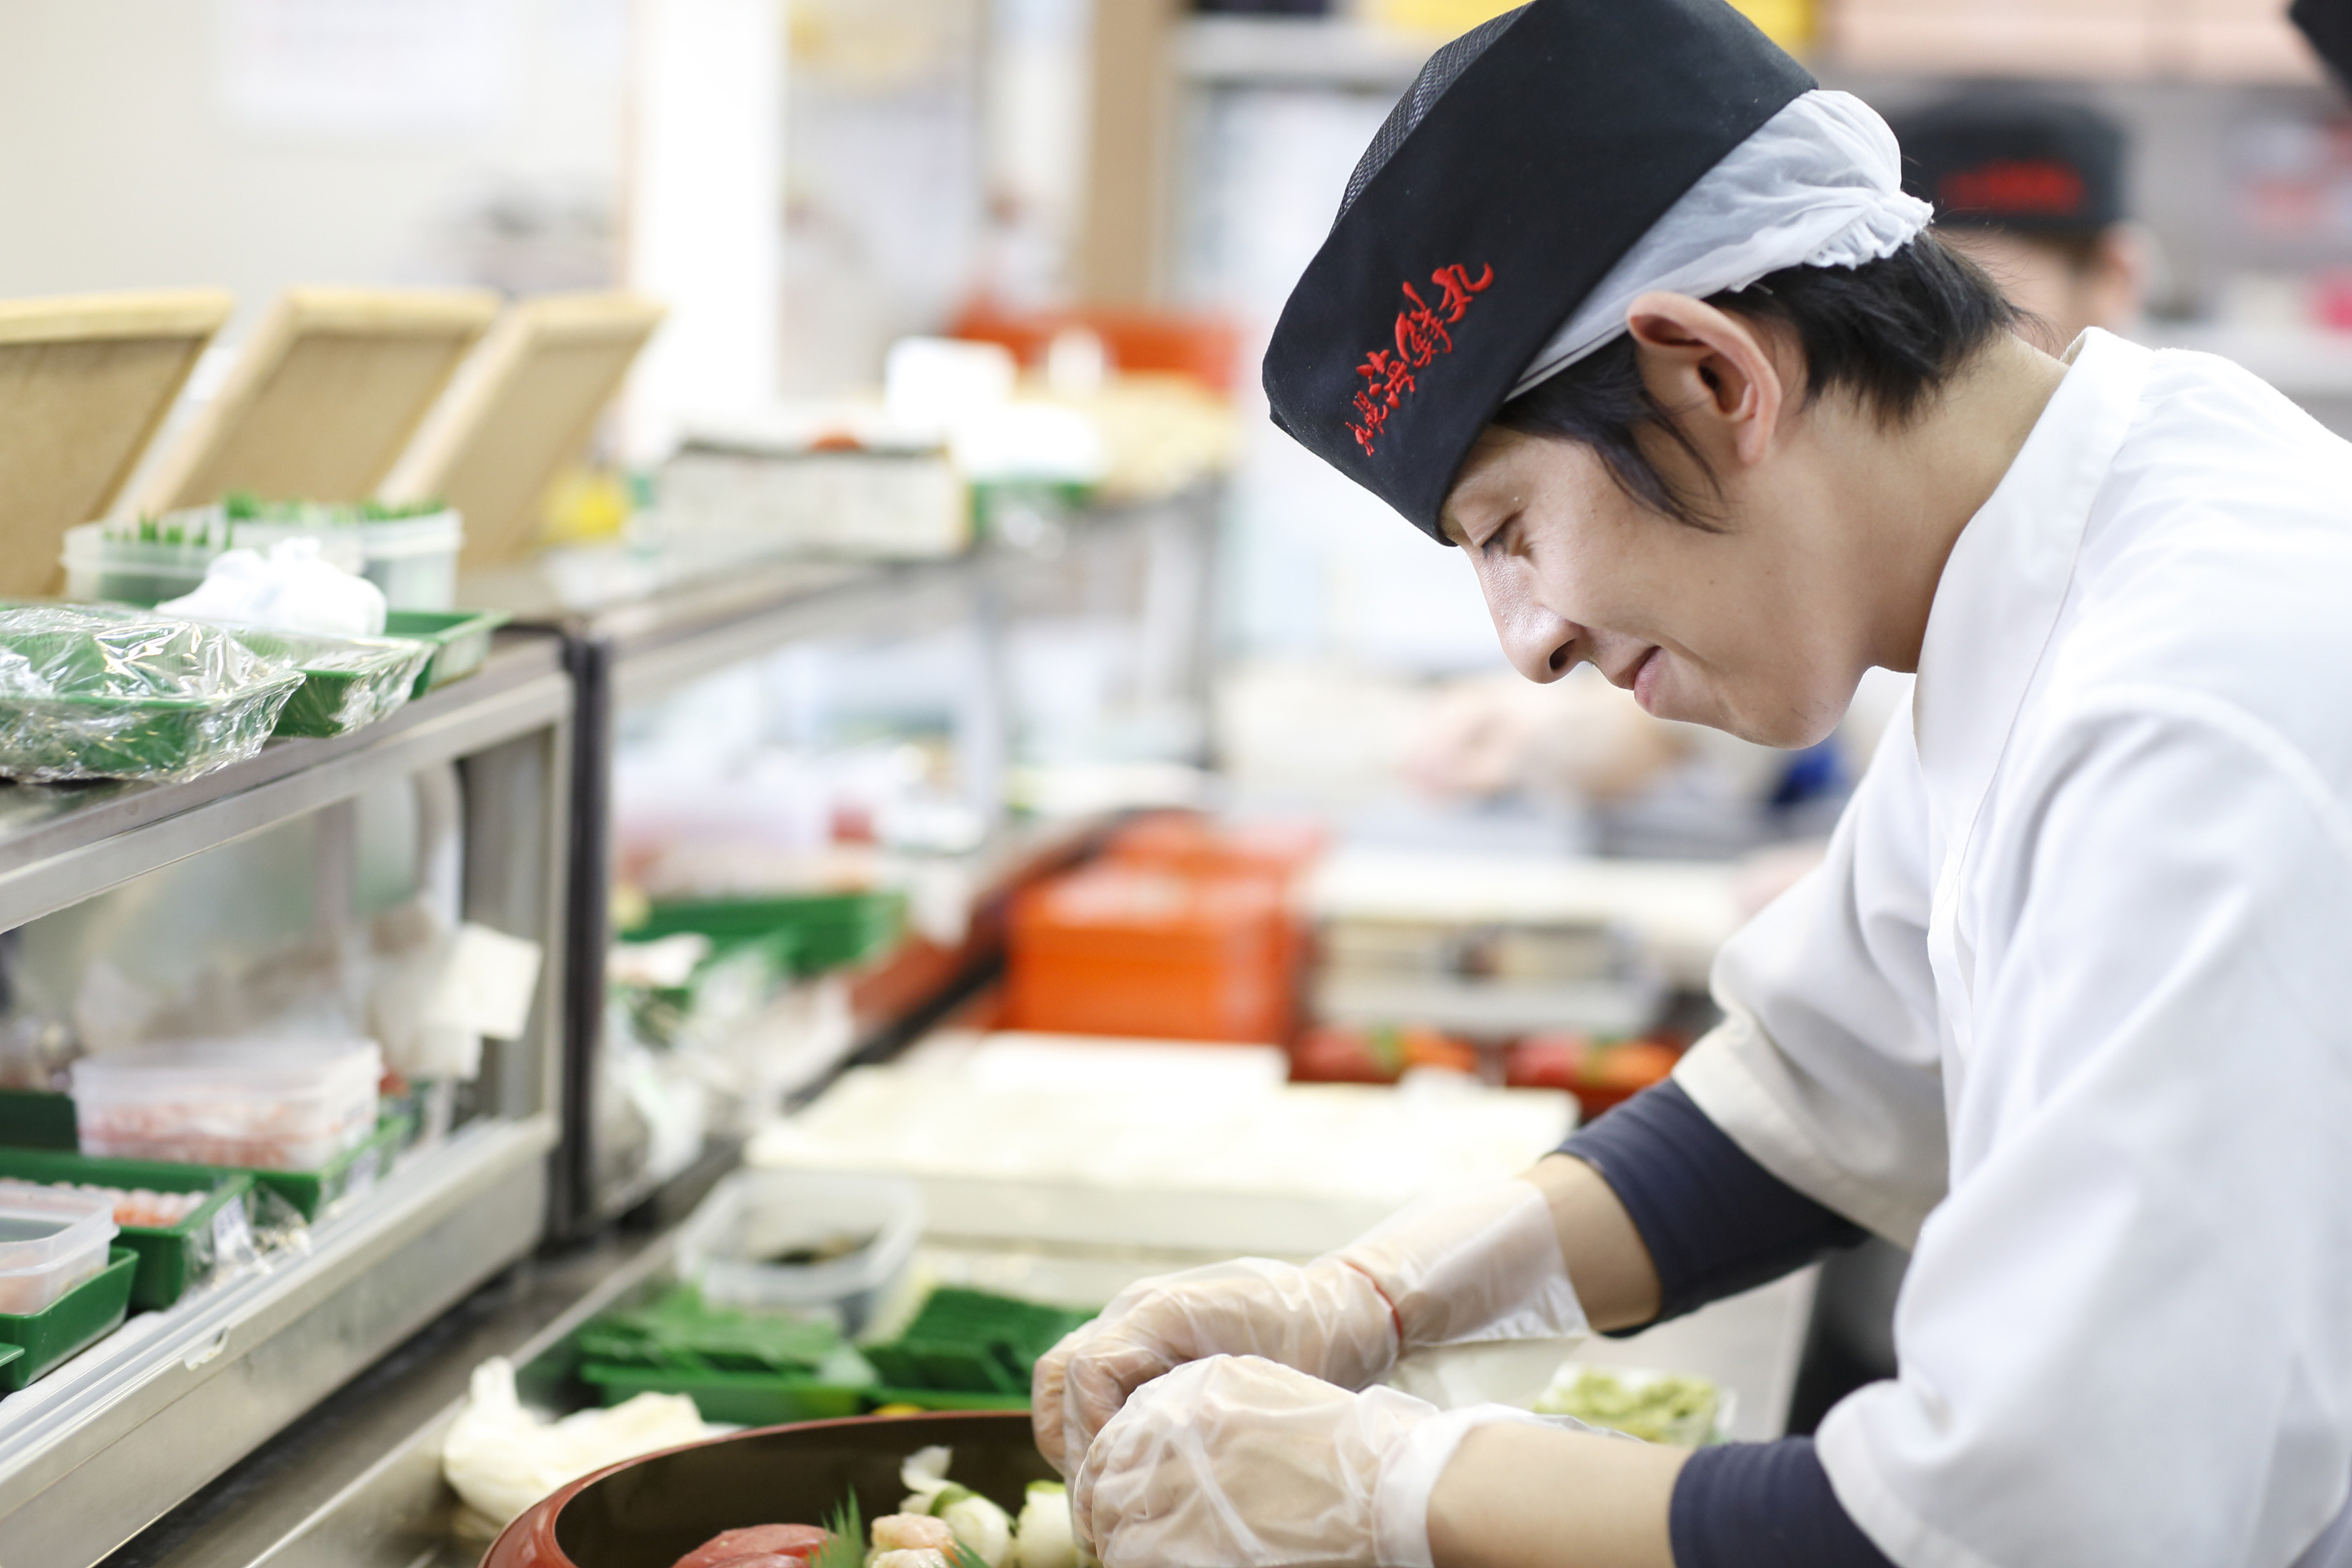 札幌海鮮丸 苫小牧東店 キッチンスタッフのアルバイト情報